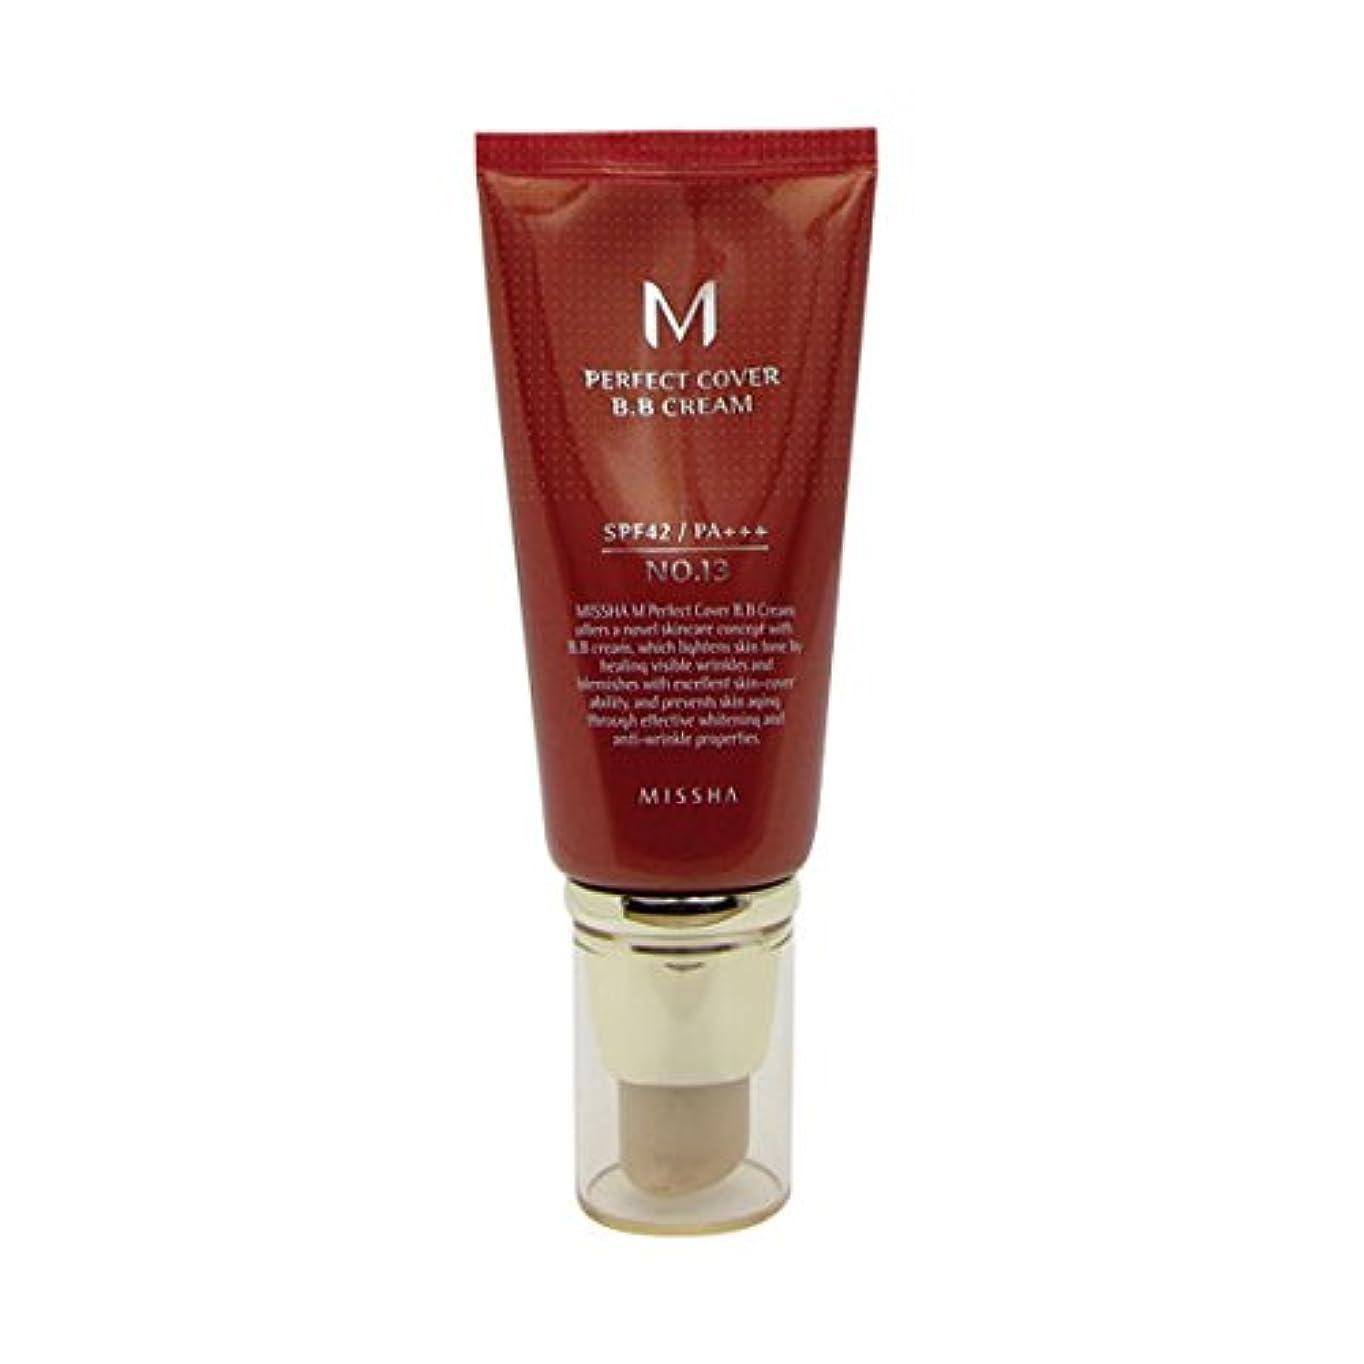 閉じる内なる植物のMissha M Perfect Cover Bb Cream Spf42/pa+++ No.13 Bright Beige 50ml [並行輸入品]